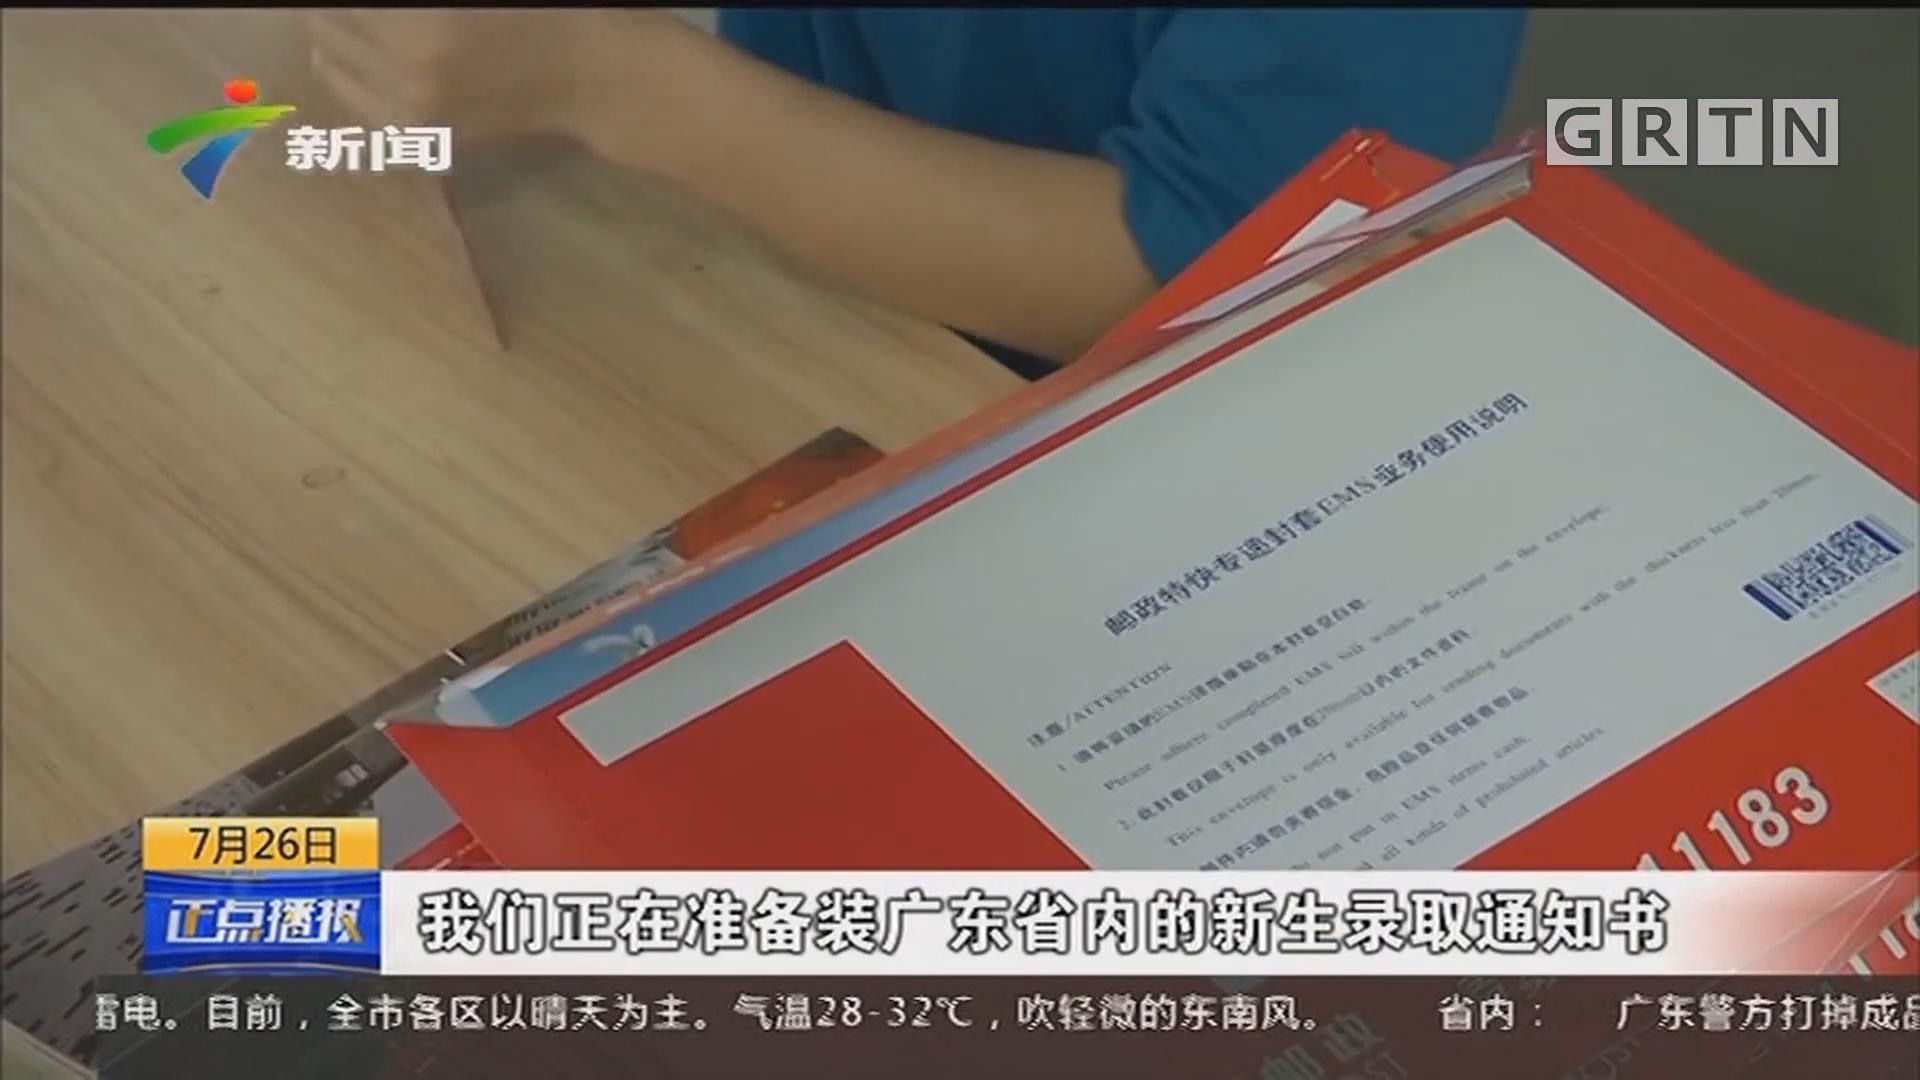 """汕头大学:录取通知书正投递 慎防""""新生群""""扰视听"""